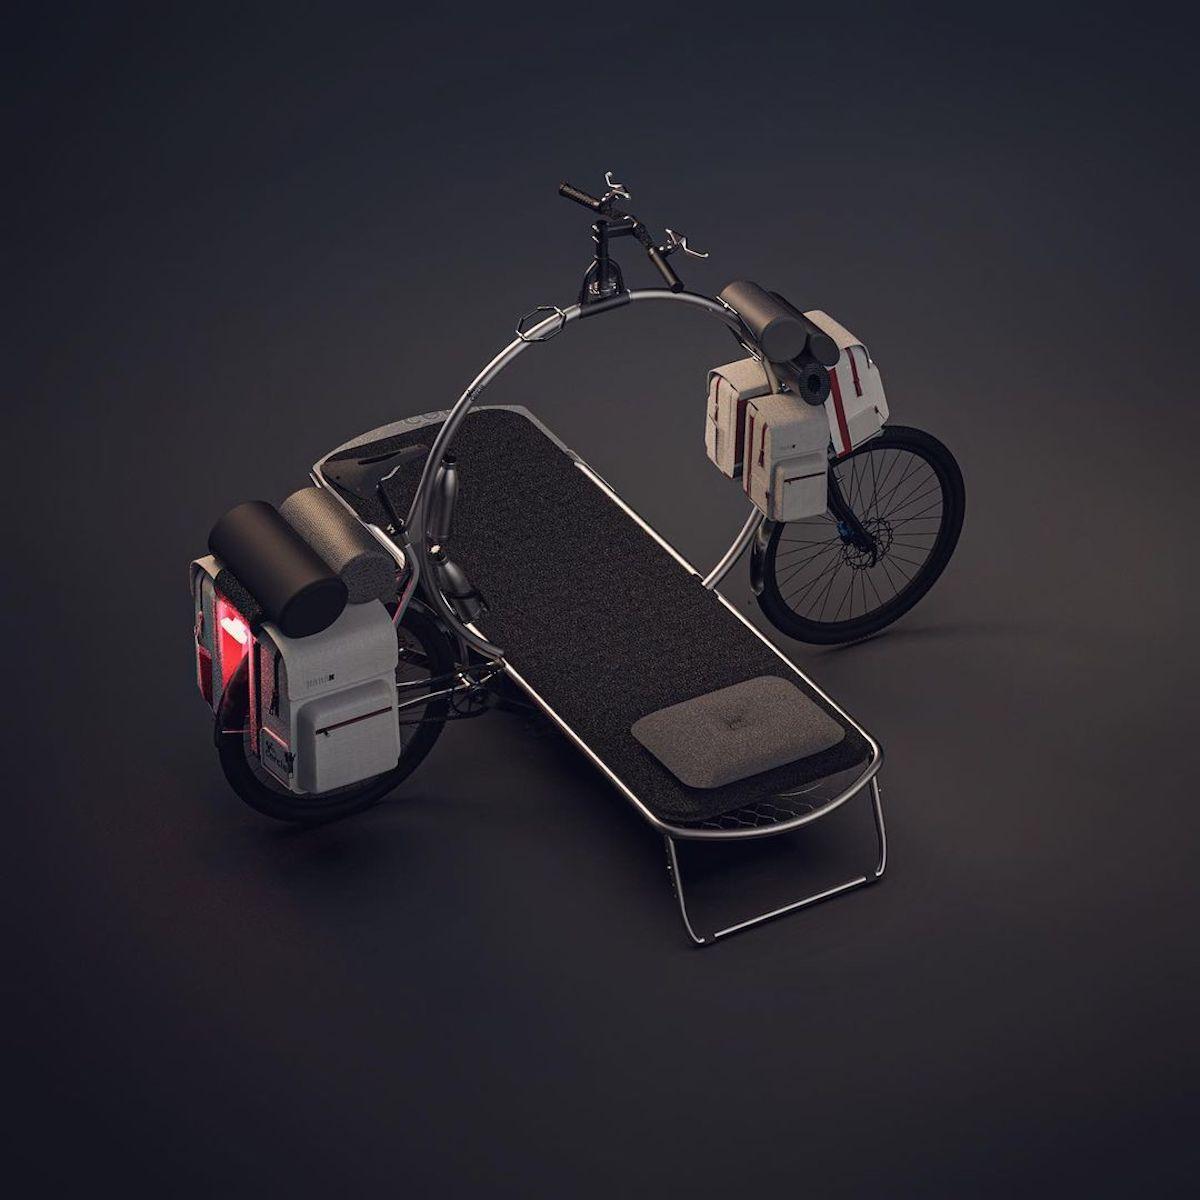 Cercle The World : le vélo circulaire conçu pour le camping